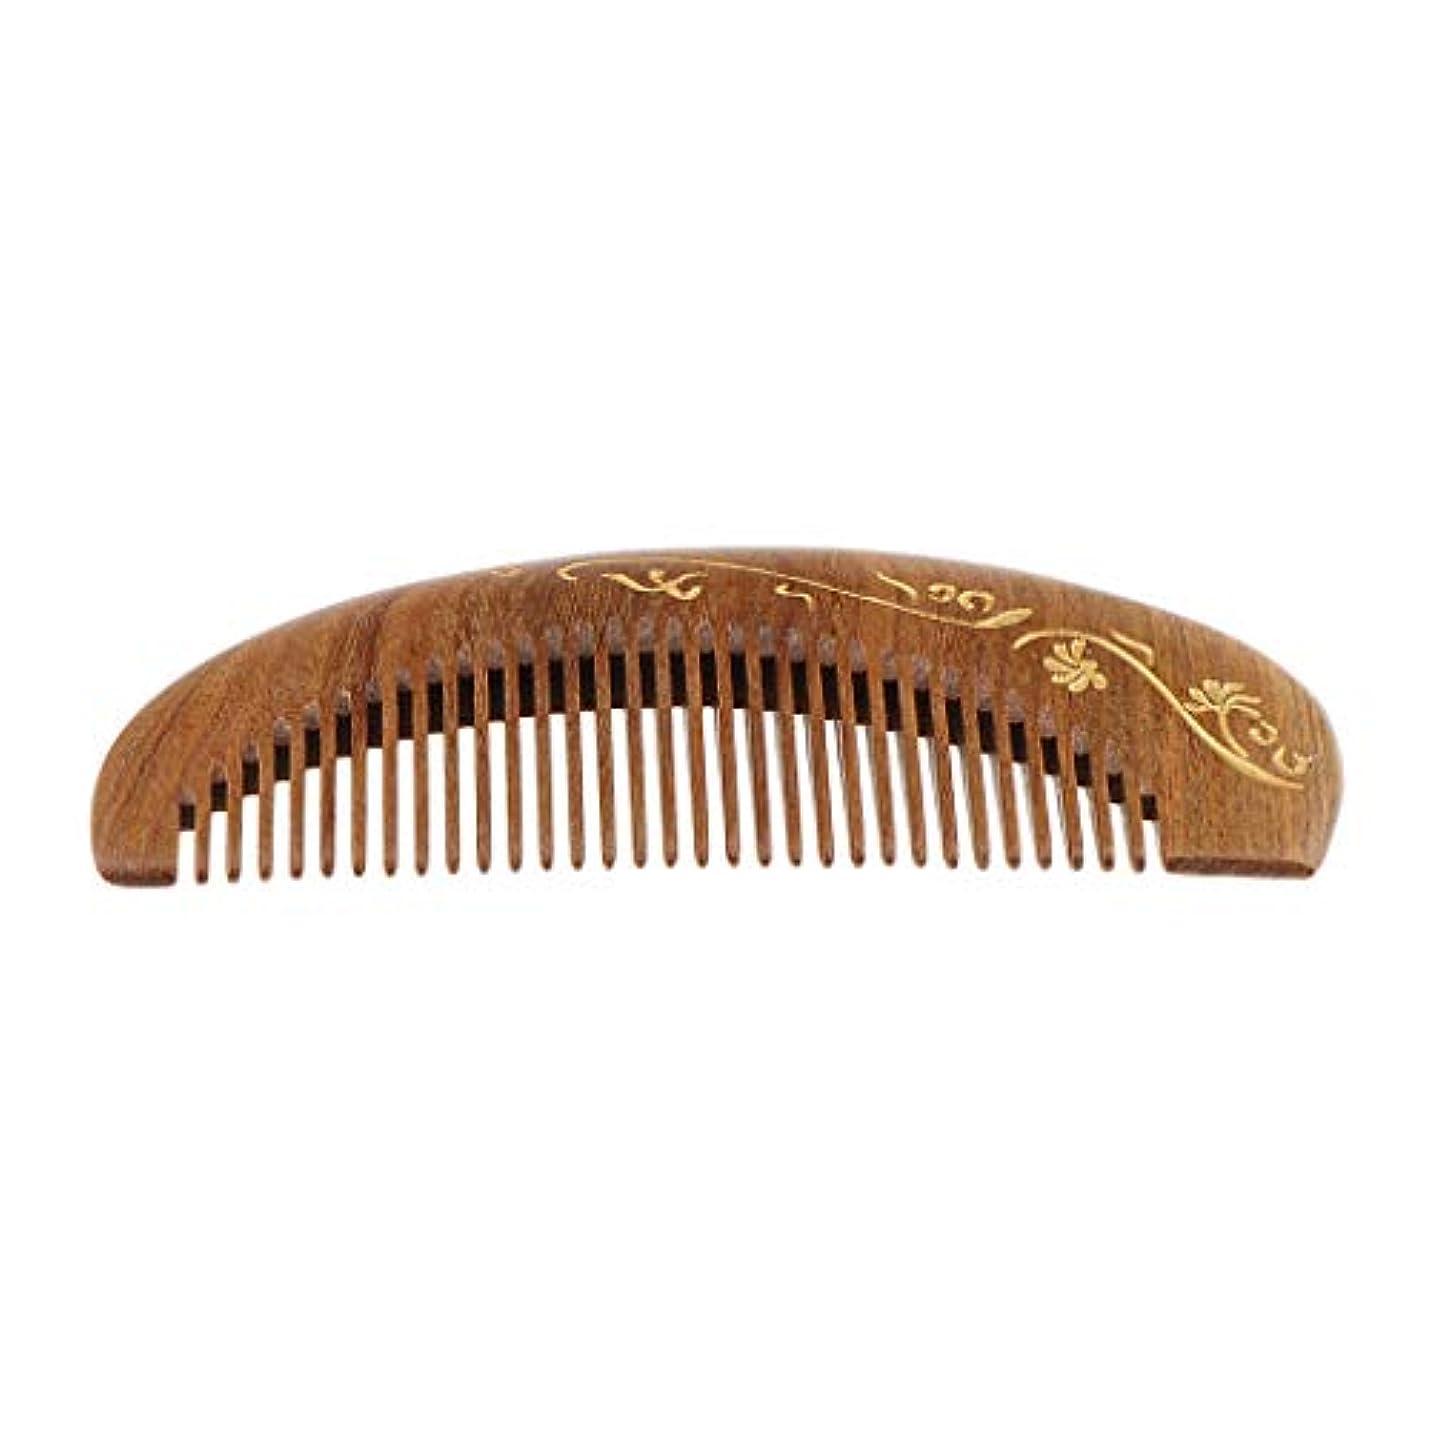 艦隊パラダイス特徴づける木製ヘアコーム 静電気防止櫛 ヘアサロン 広い歯 マッサージ櫛 4仕様選べ - #2